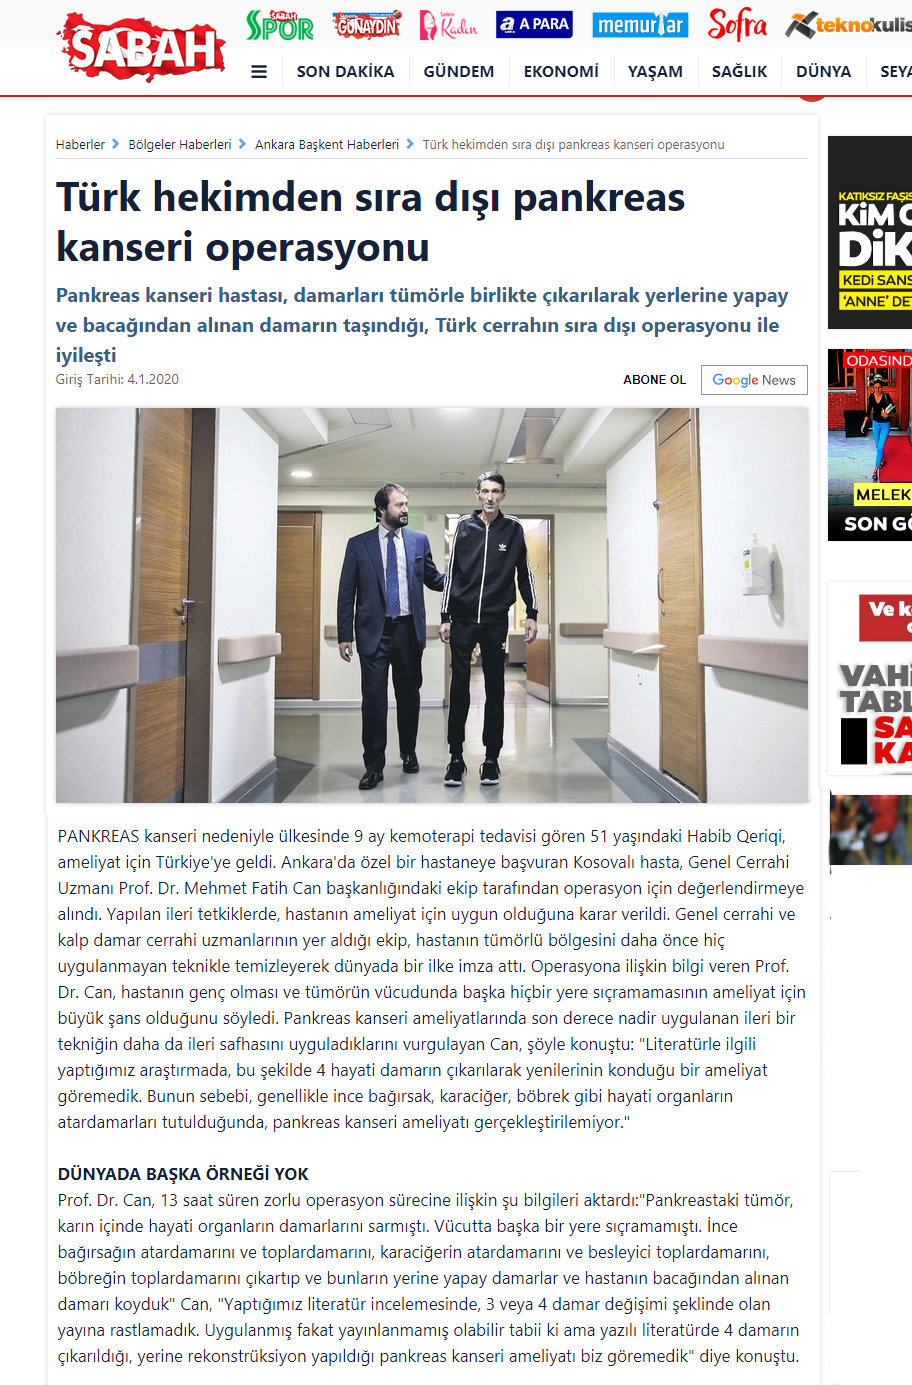 Türk hekimden sıradışı pankreas operasyo